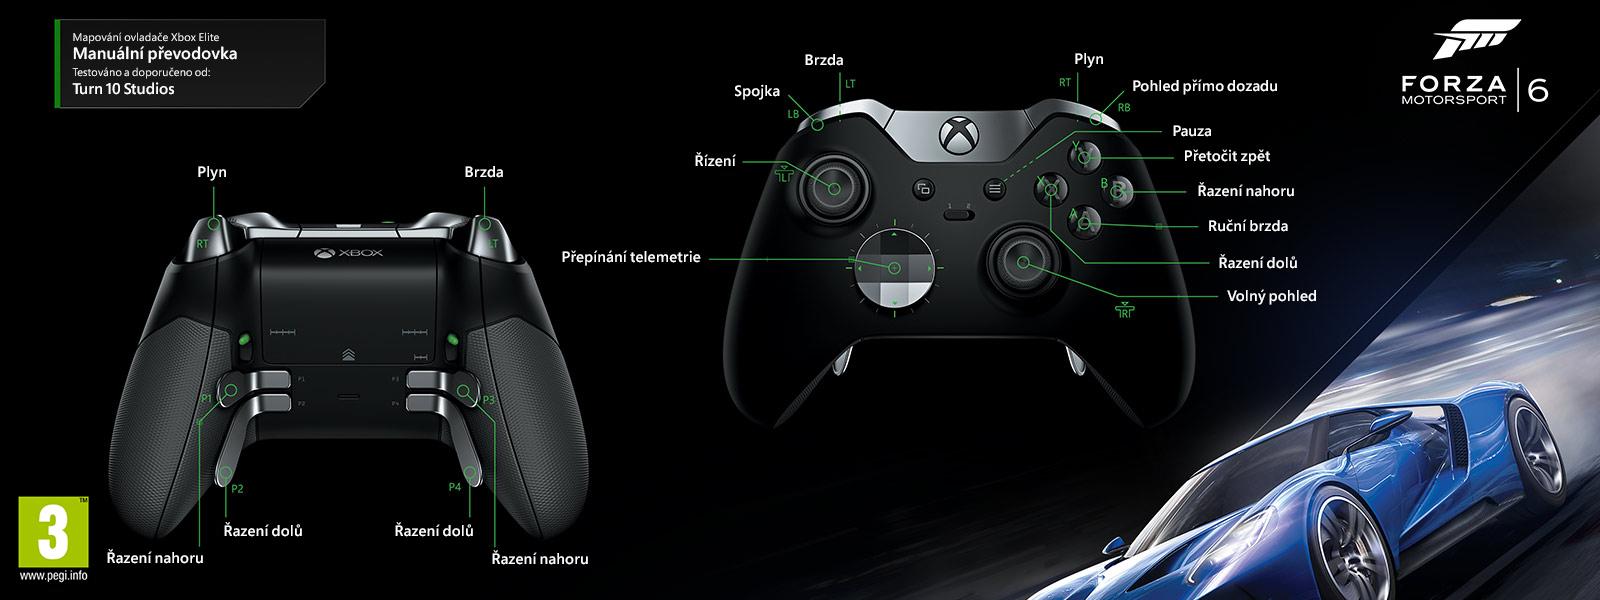 Forza Motorsport 6 – elitní mapování ruční převodovky